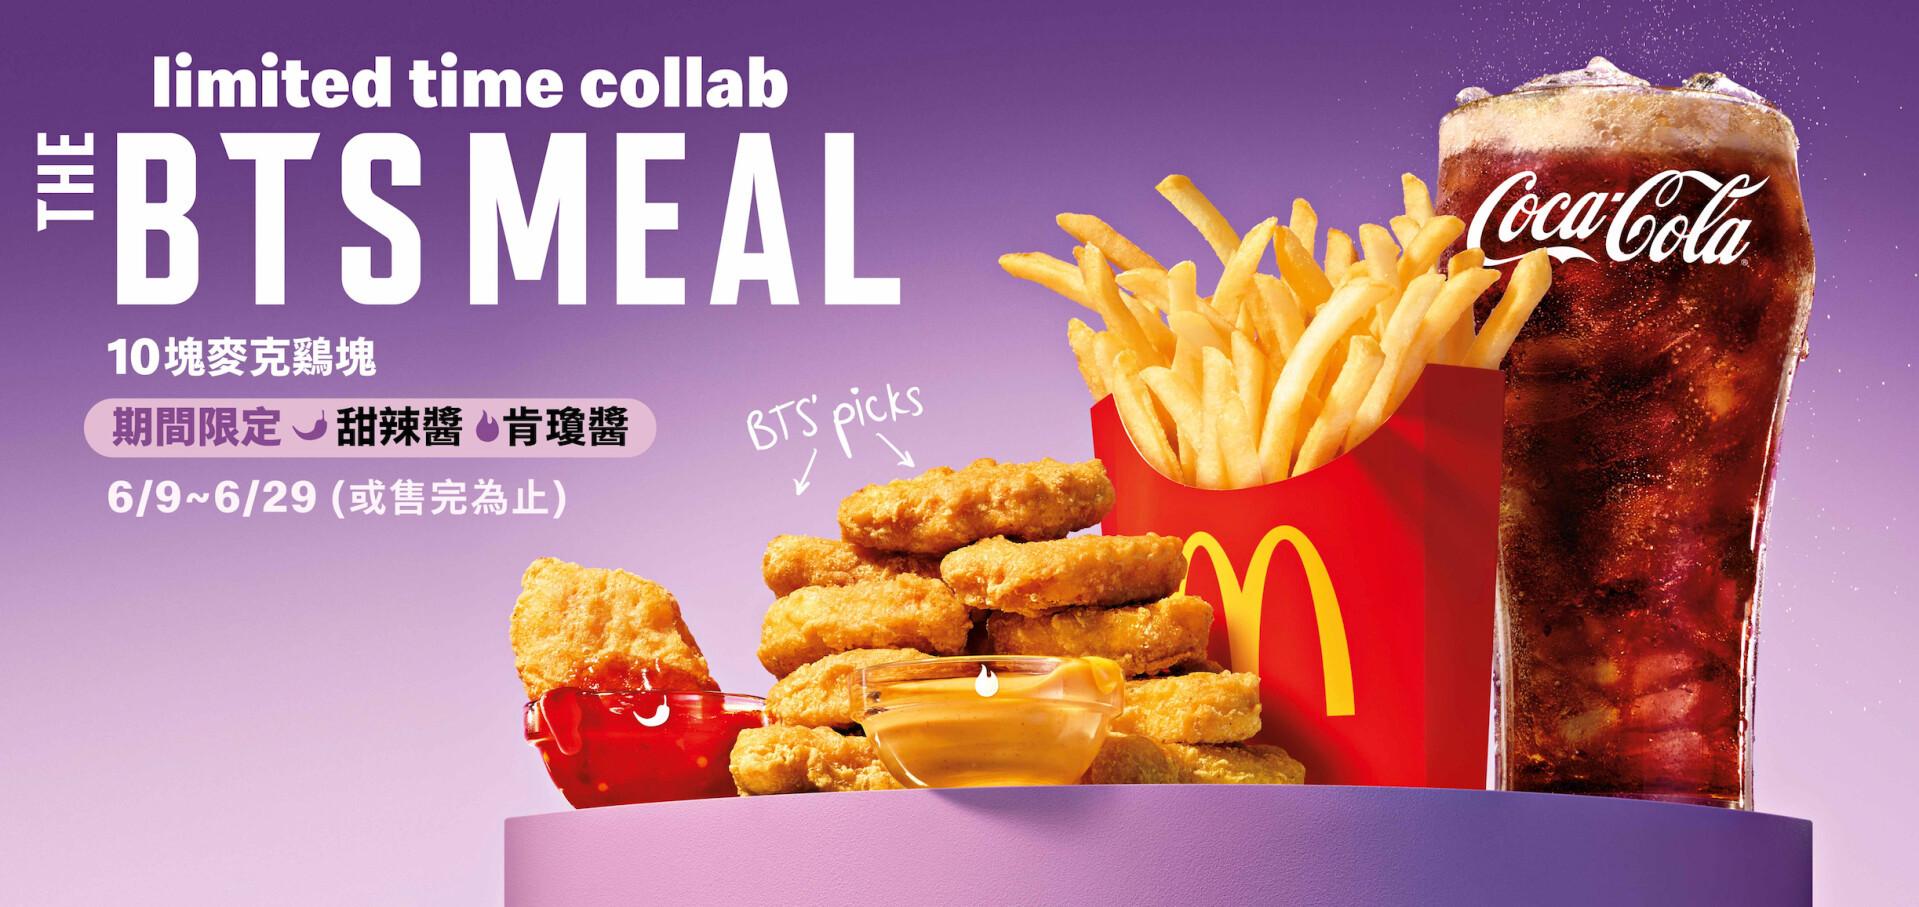 《麦当劳联名套餐》不只有BTS!?下一波合作将与「JUMP系列」联手?-itotii